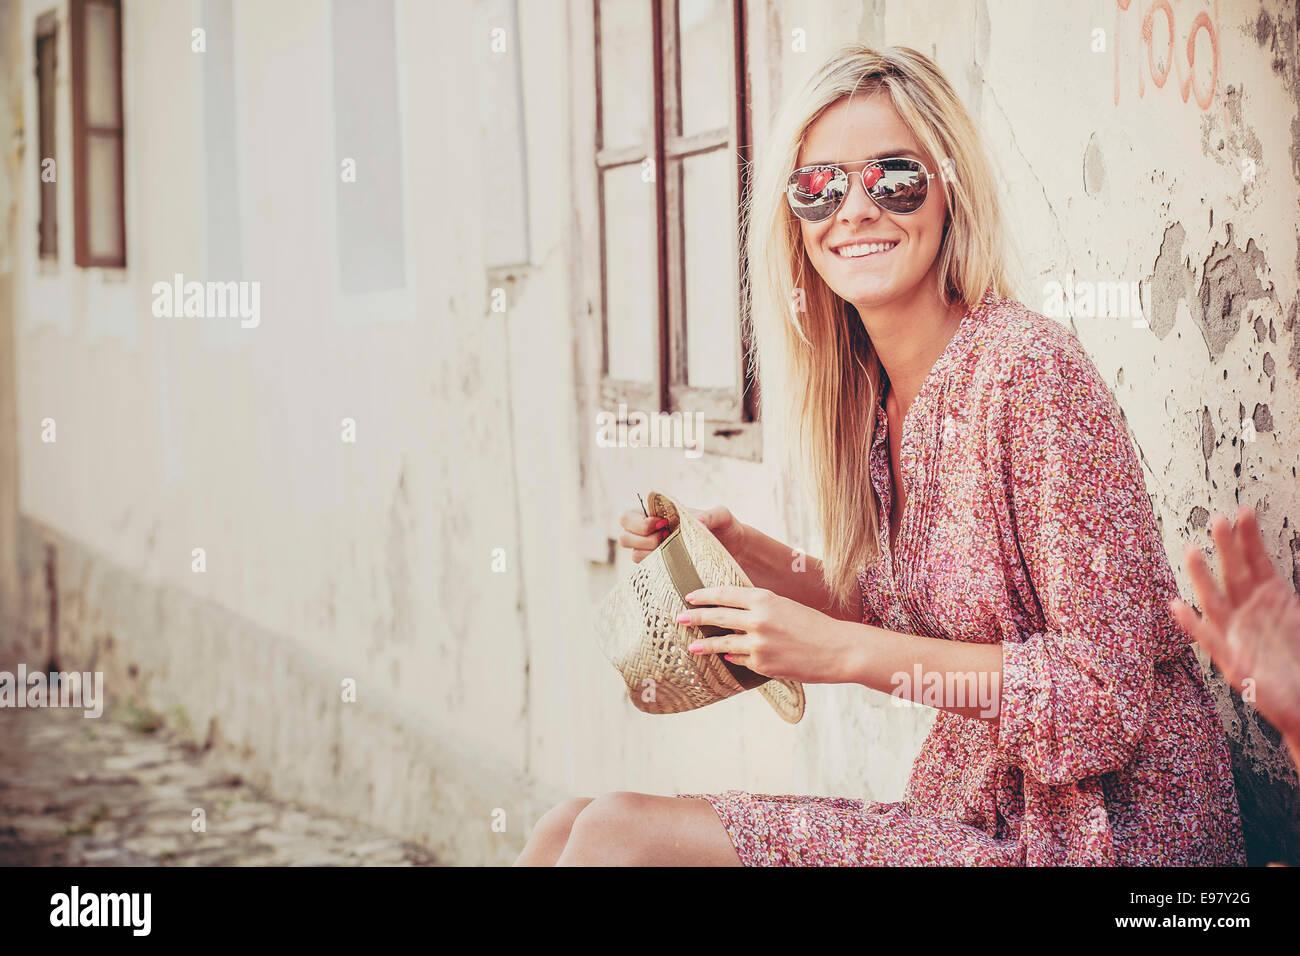 Mujer joven con cabello rubio esperando la salida Imagen De Stock